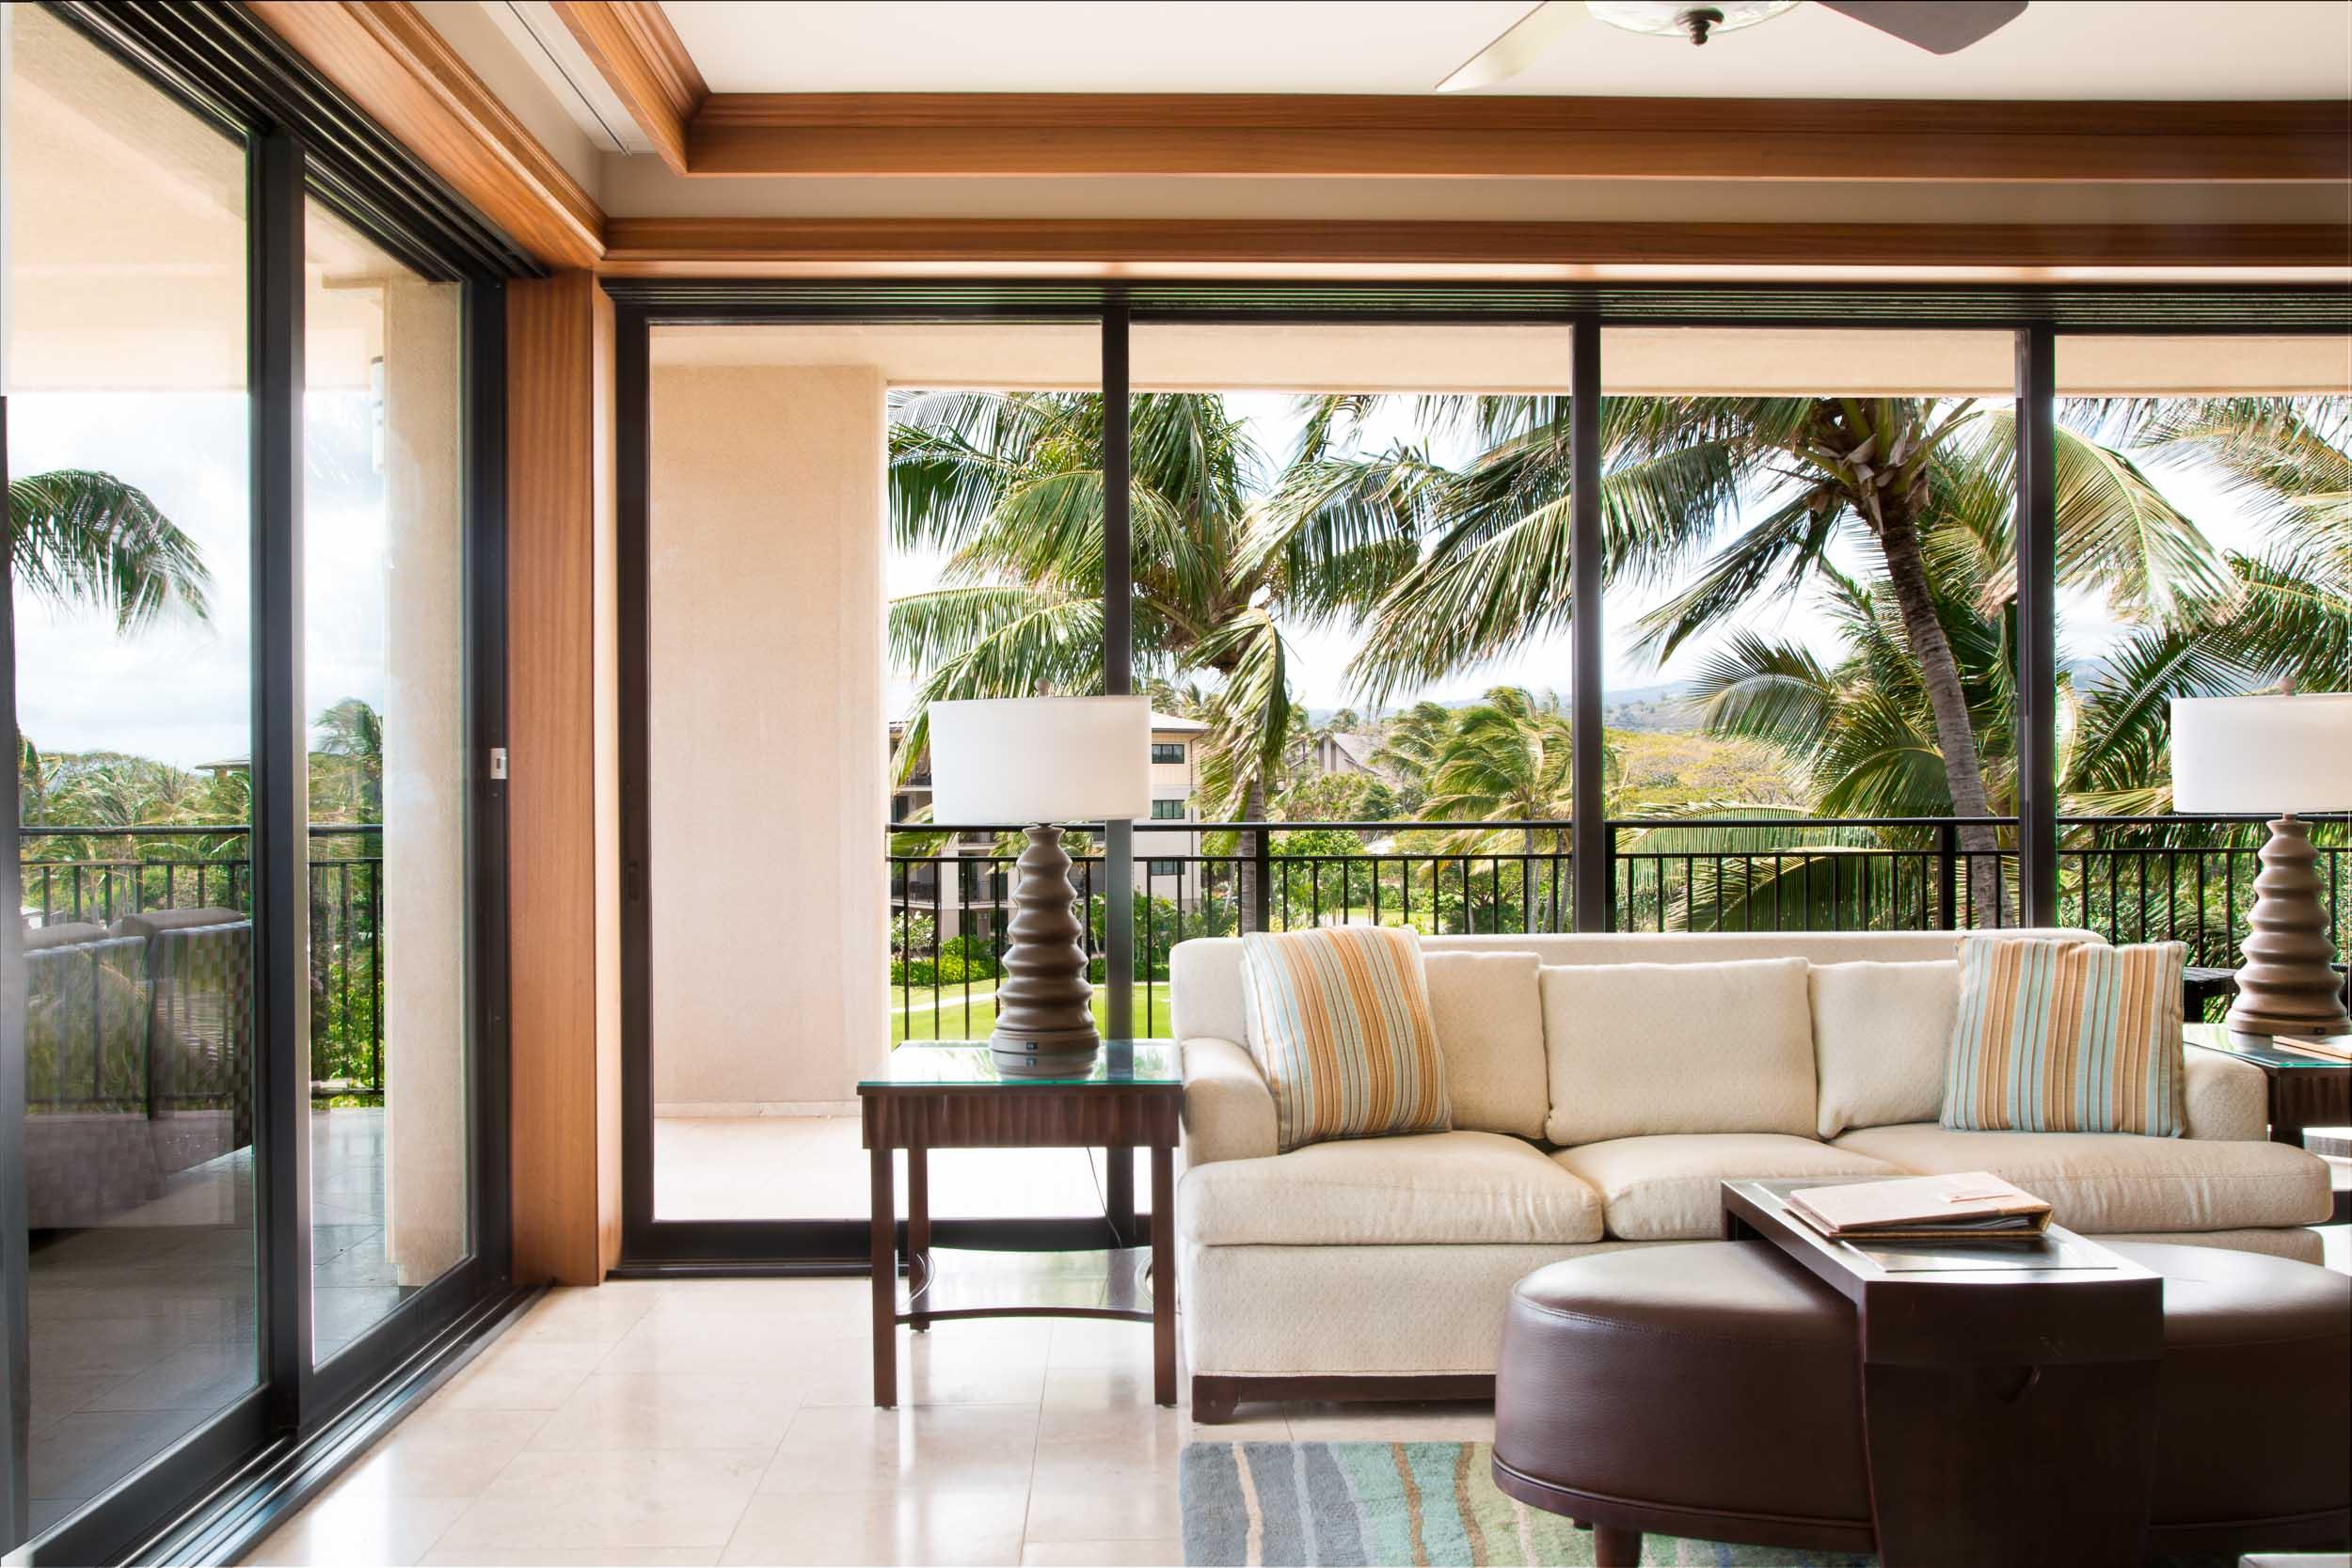 hawaiiresorts_180805_009_2500p.jpg